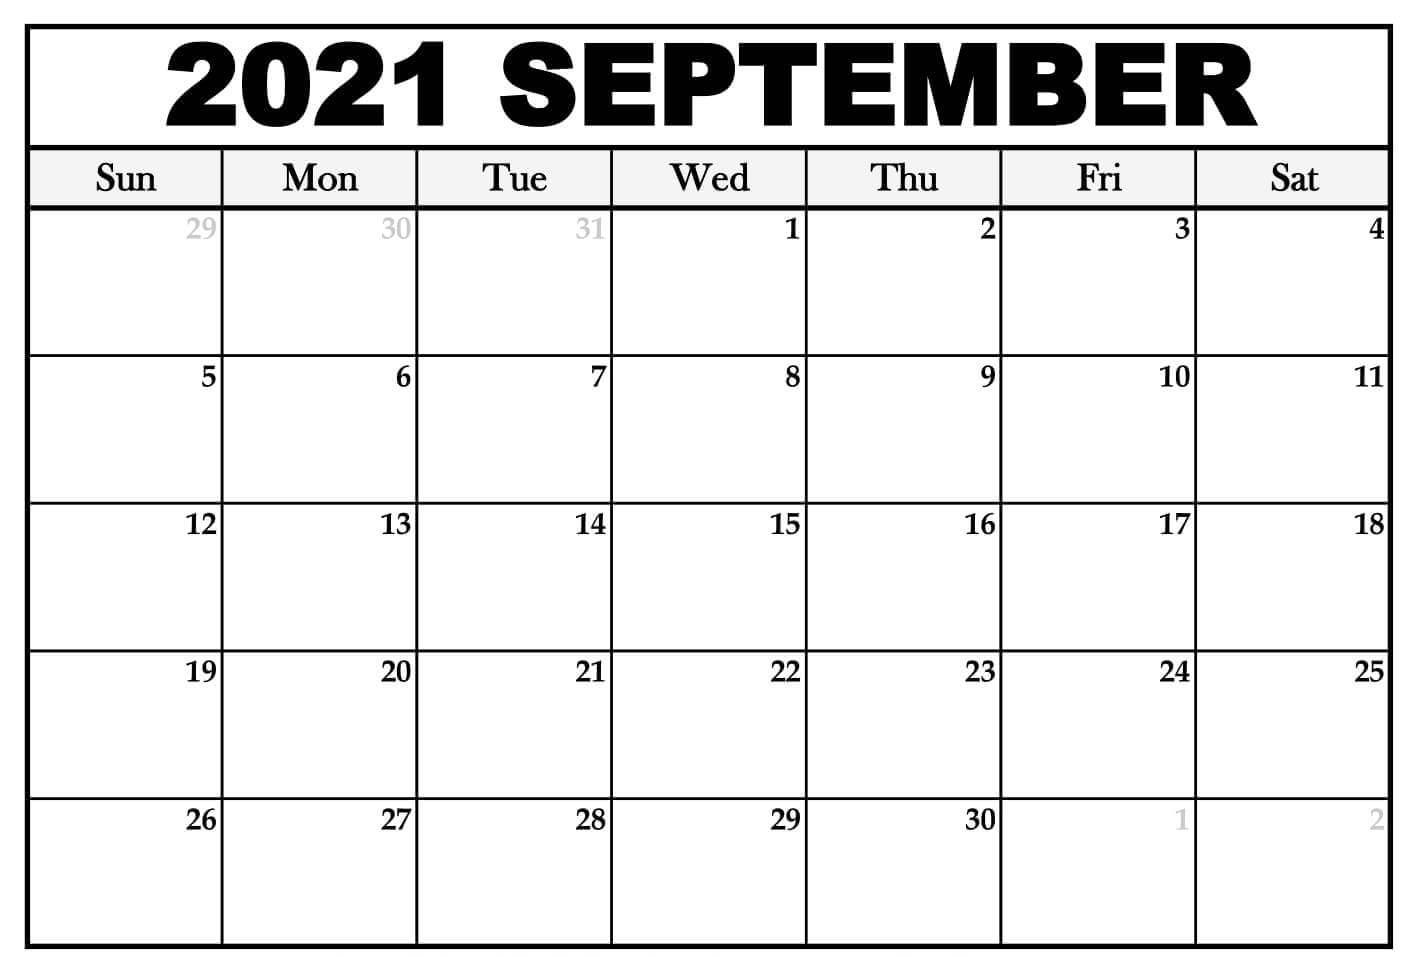 Free Blank September Calendar 2021